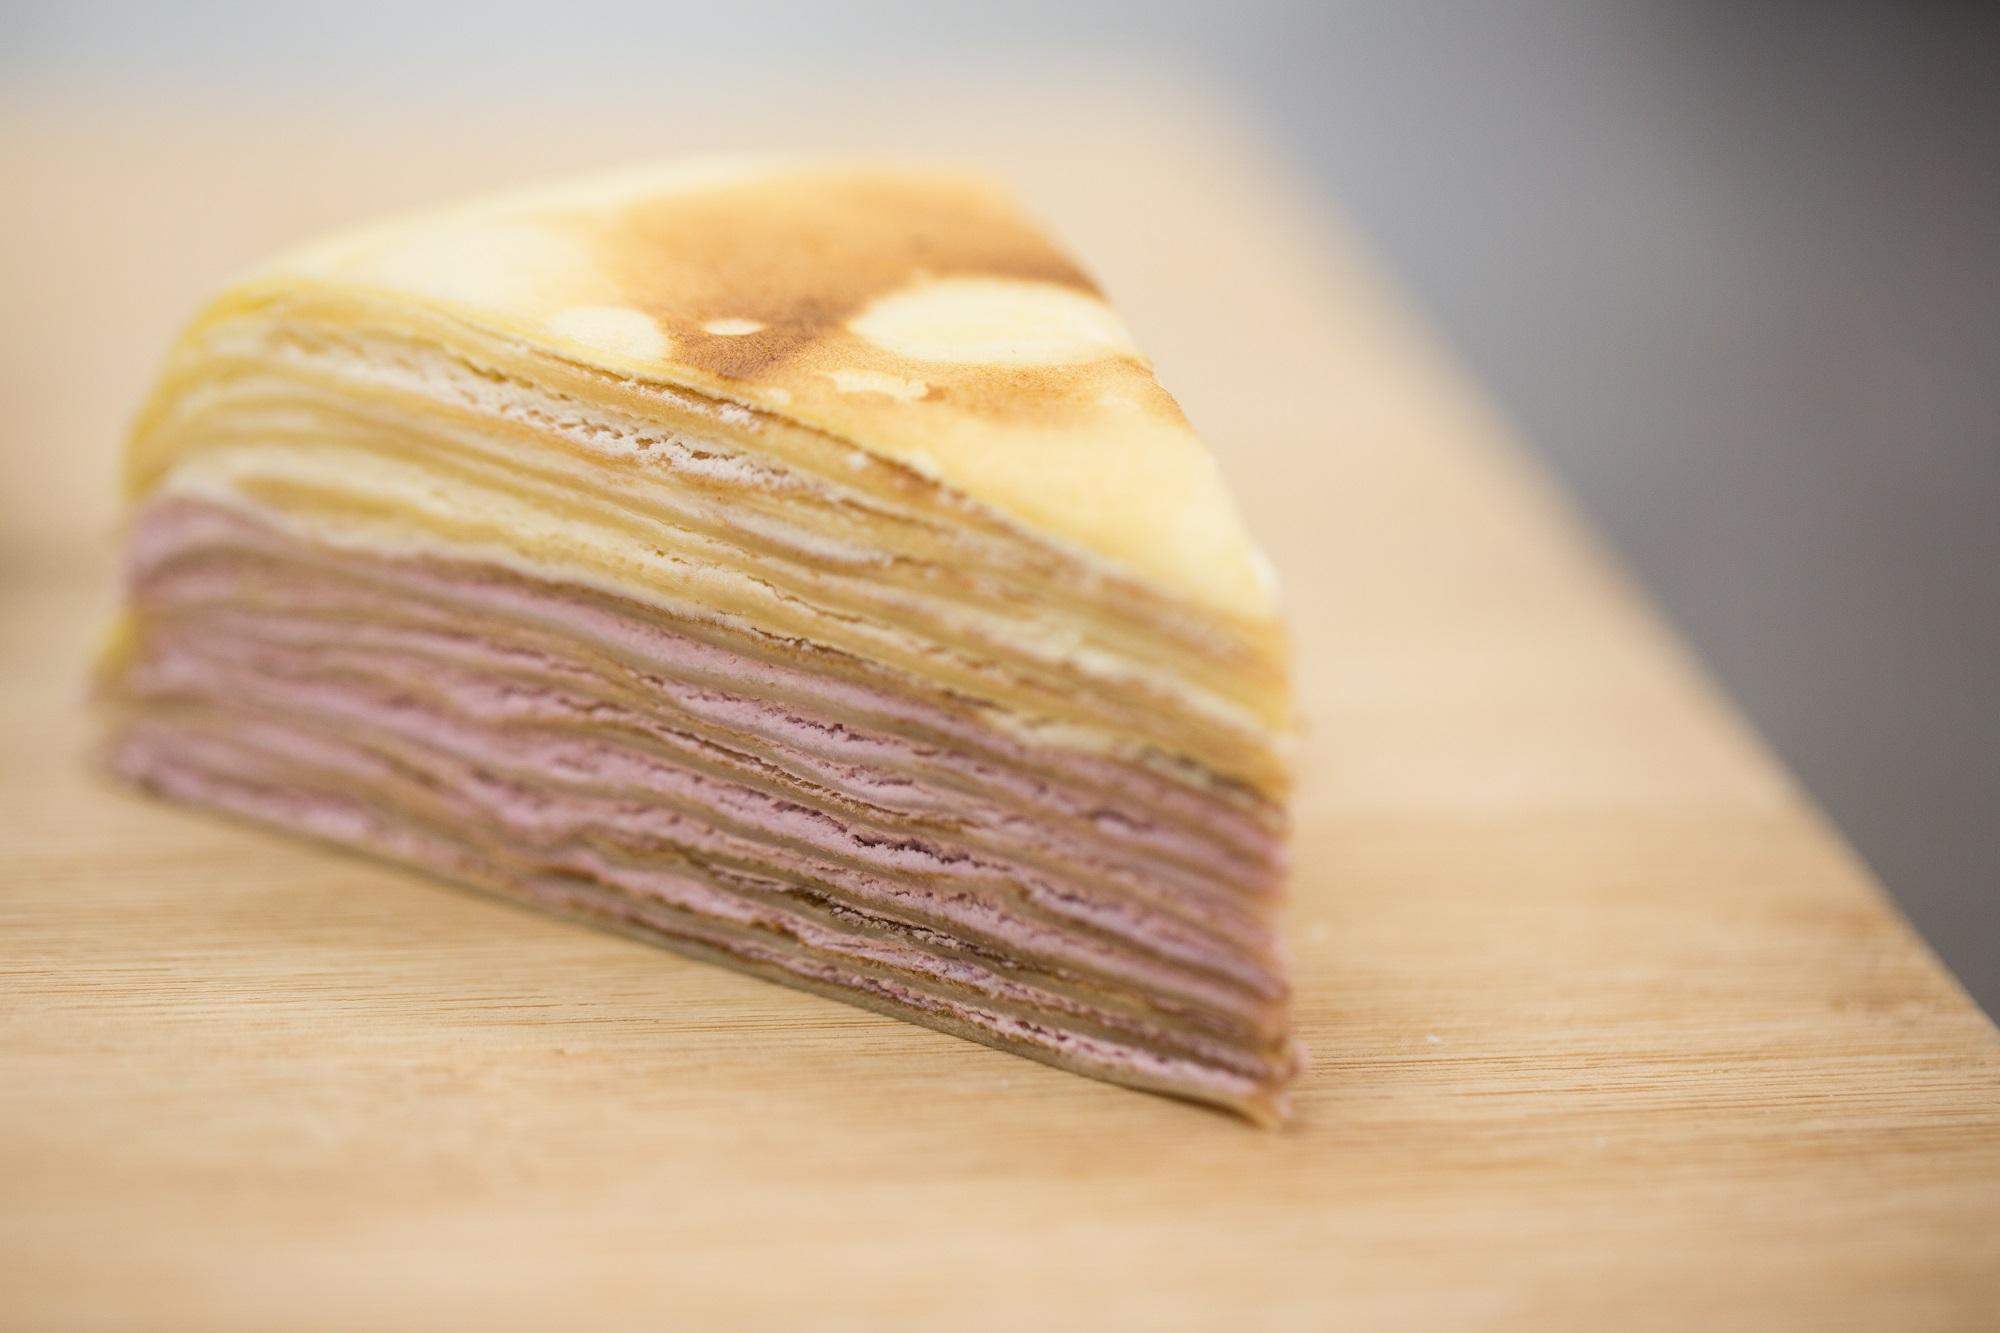 牛乳香芋千層蛋糕 // 阿霖強調混合味也很講究,不是隨便兩種口味混合起來都會好吃,有時一種味會蓋過另一種。($36)